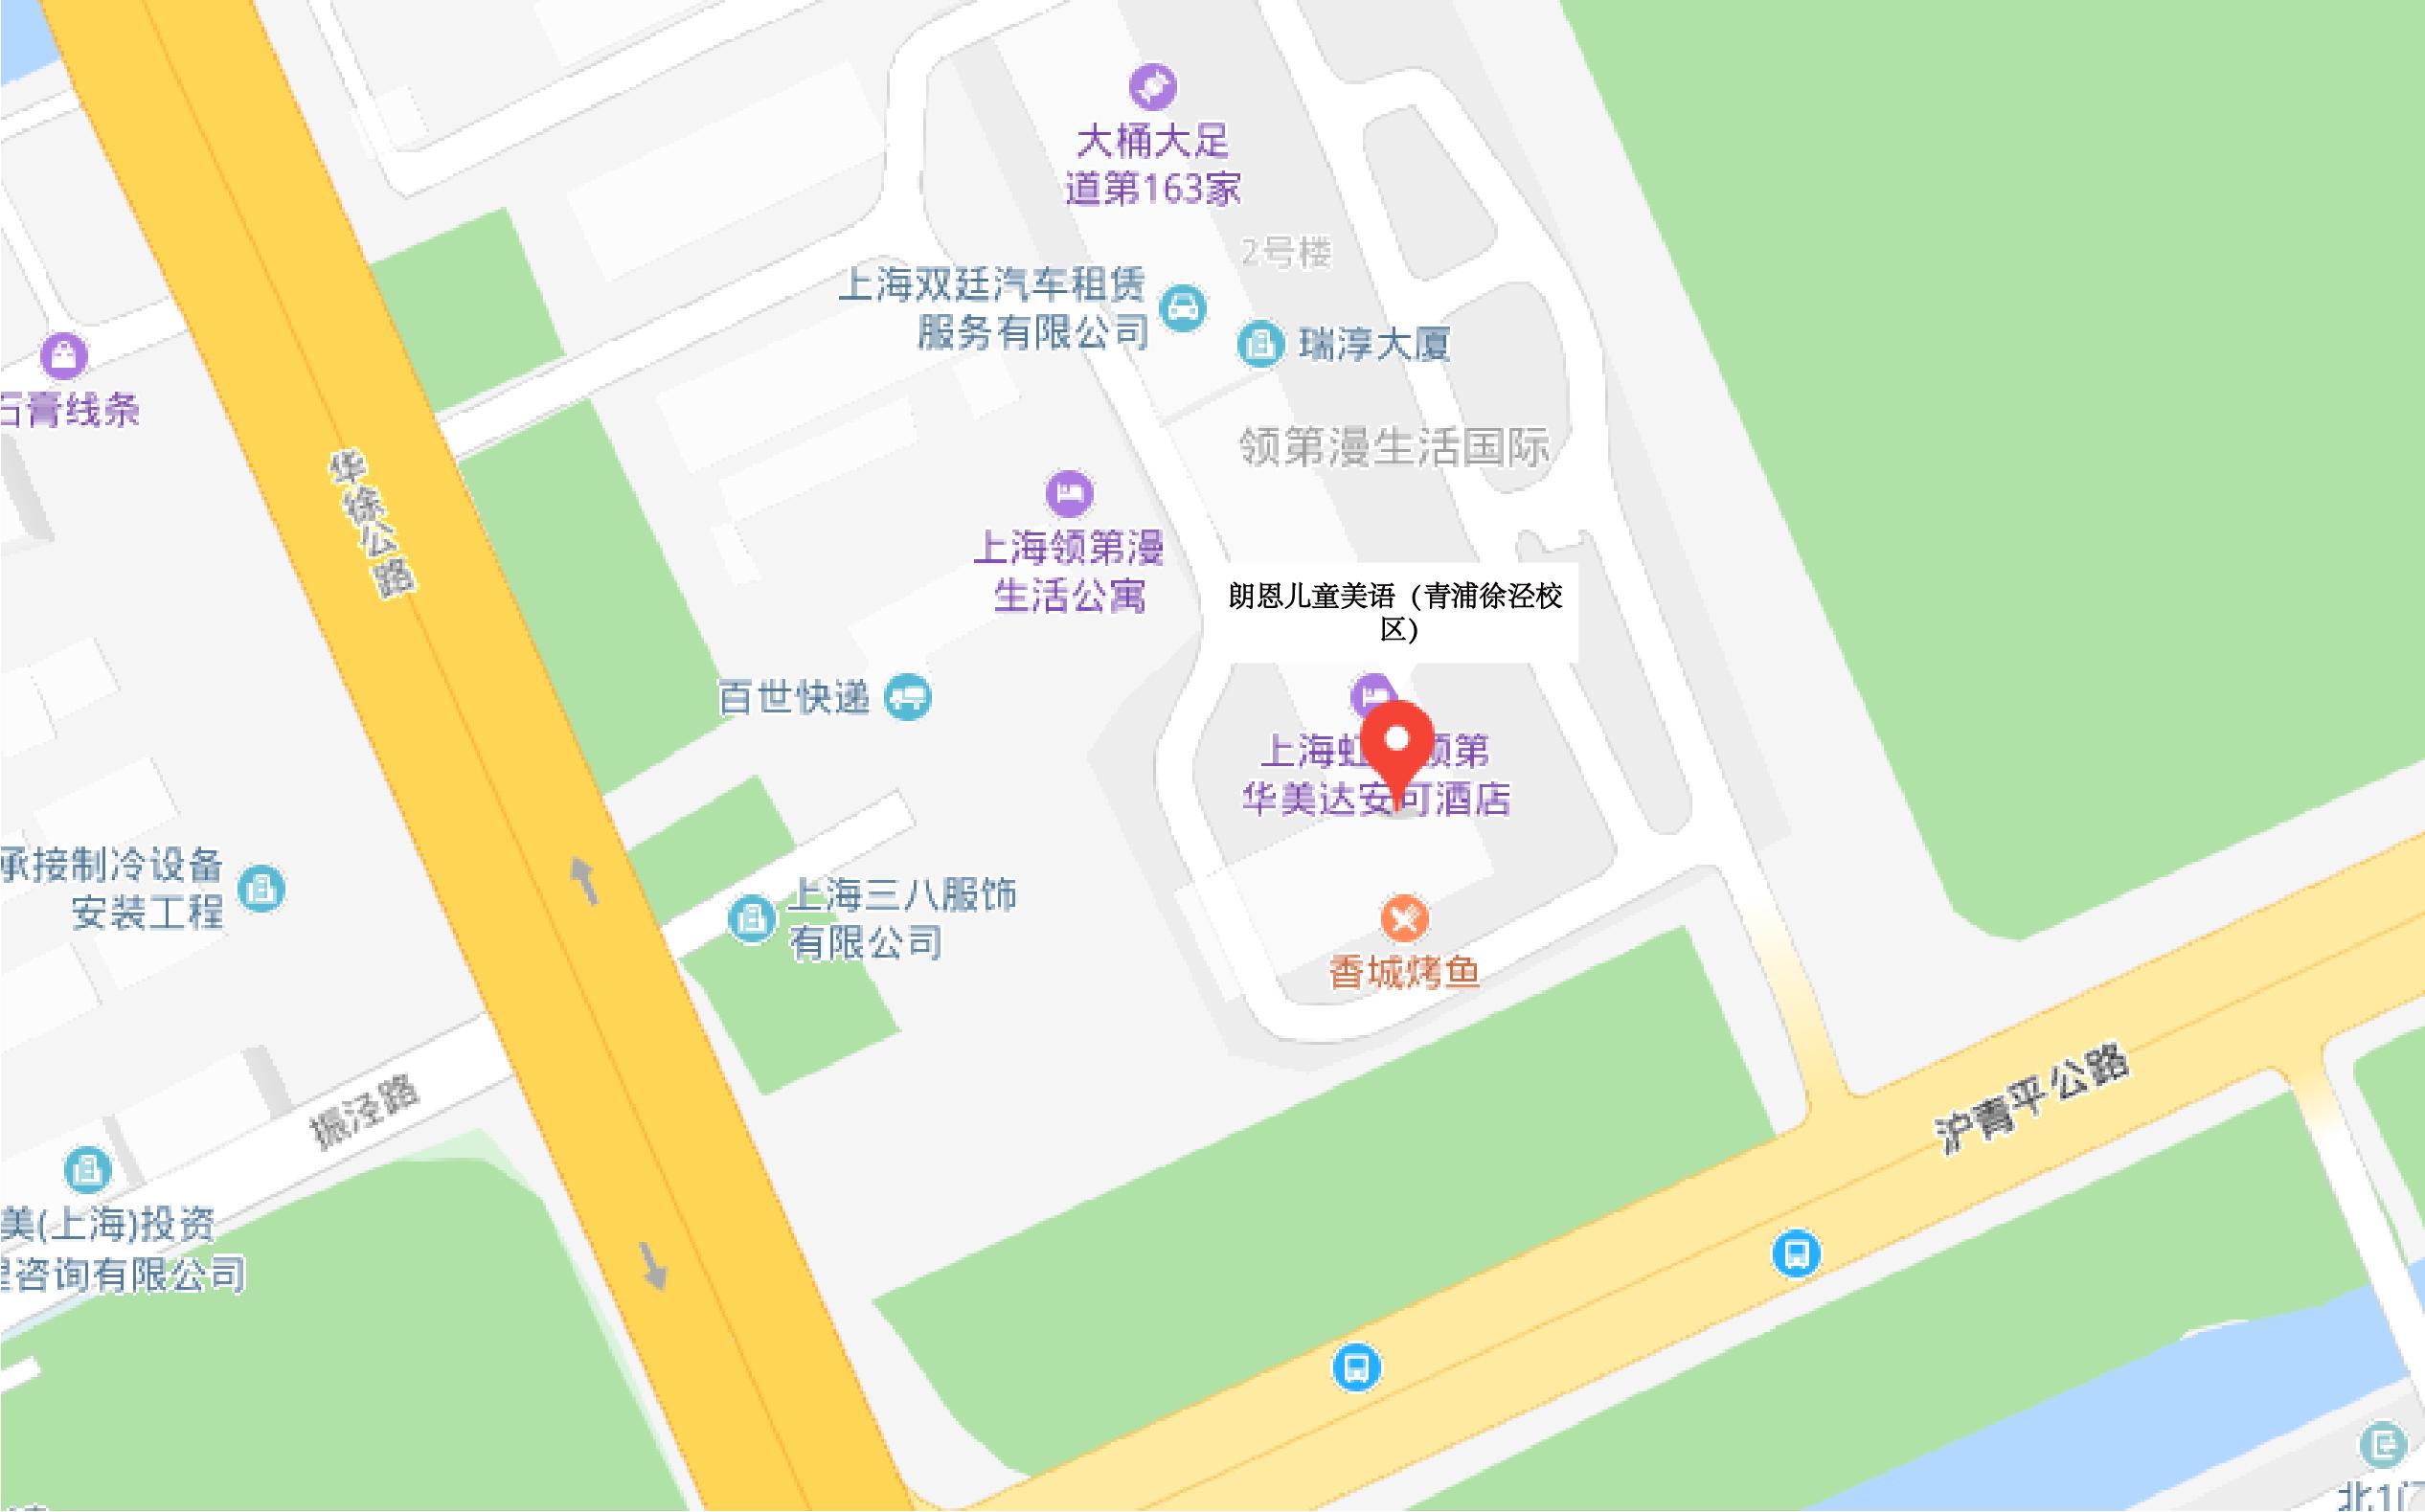 上海青浦徐泾校区